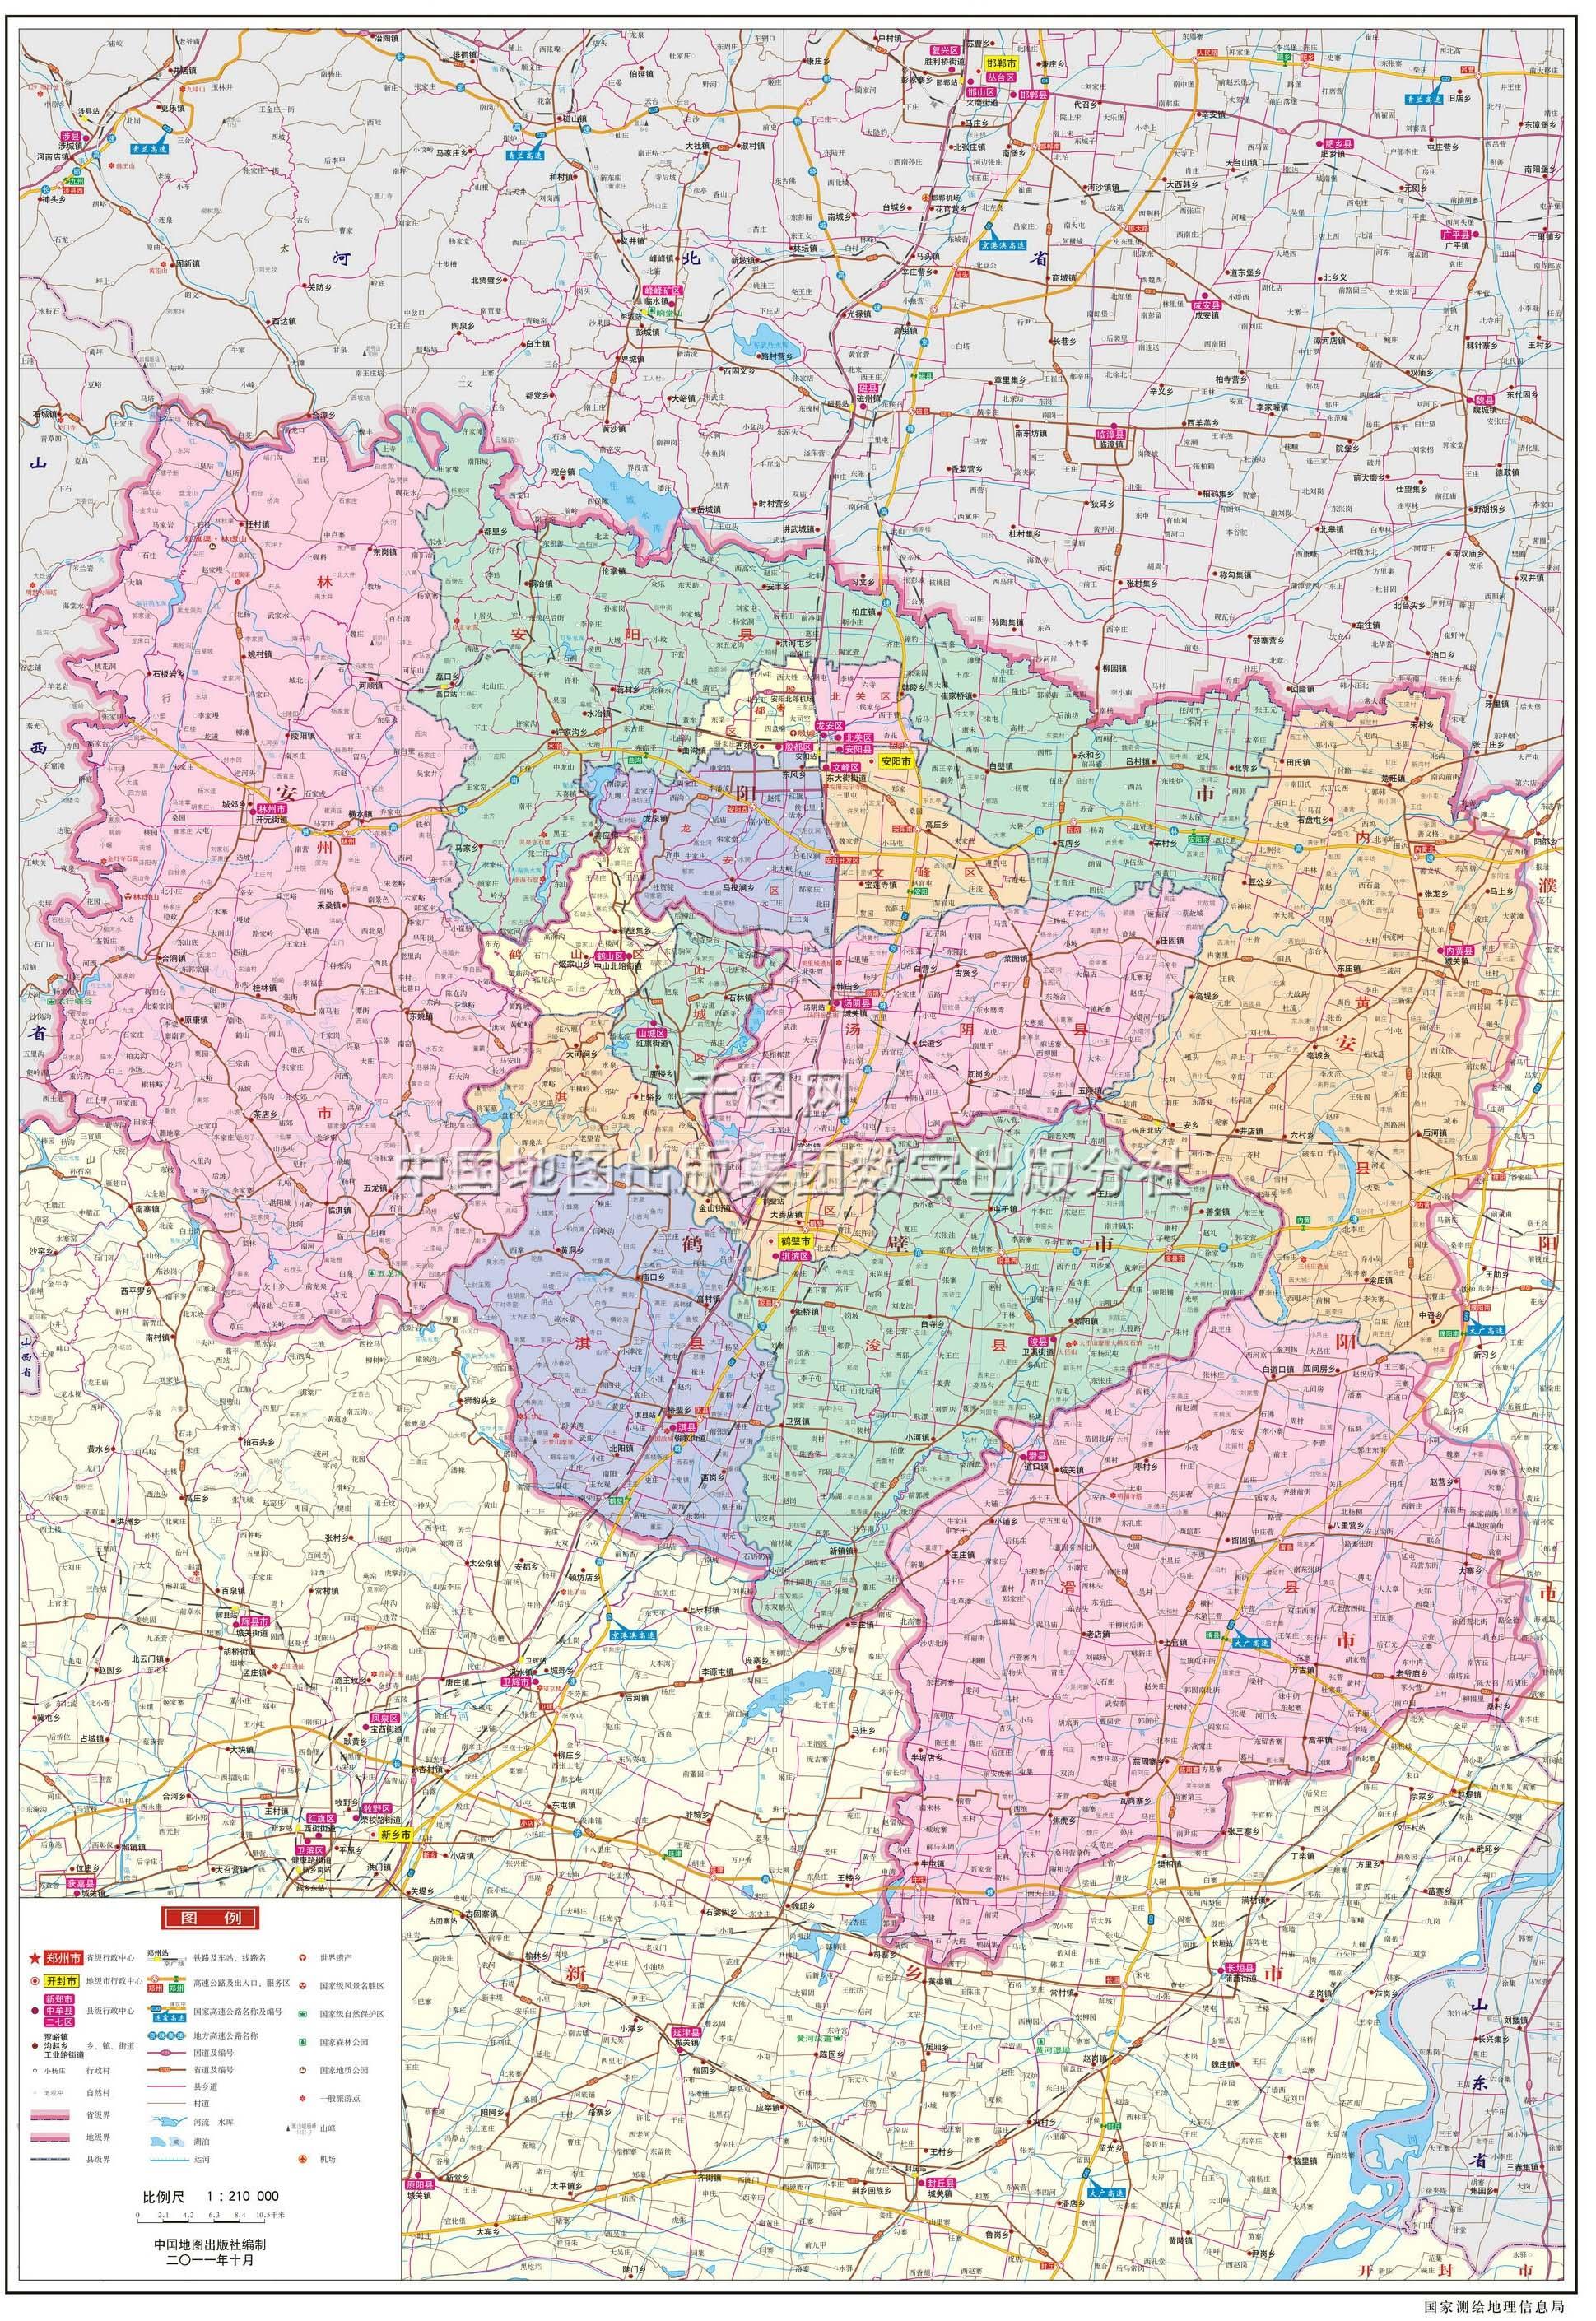 河南安阳林州市地图 河南安阳安阳县地图; 安阳市地图; 鹤壁市地图